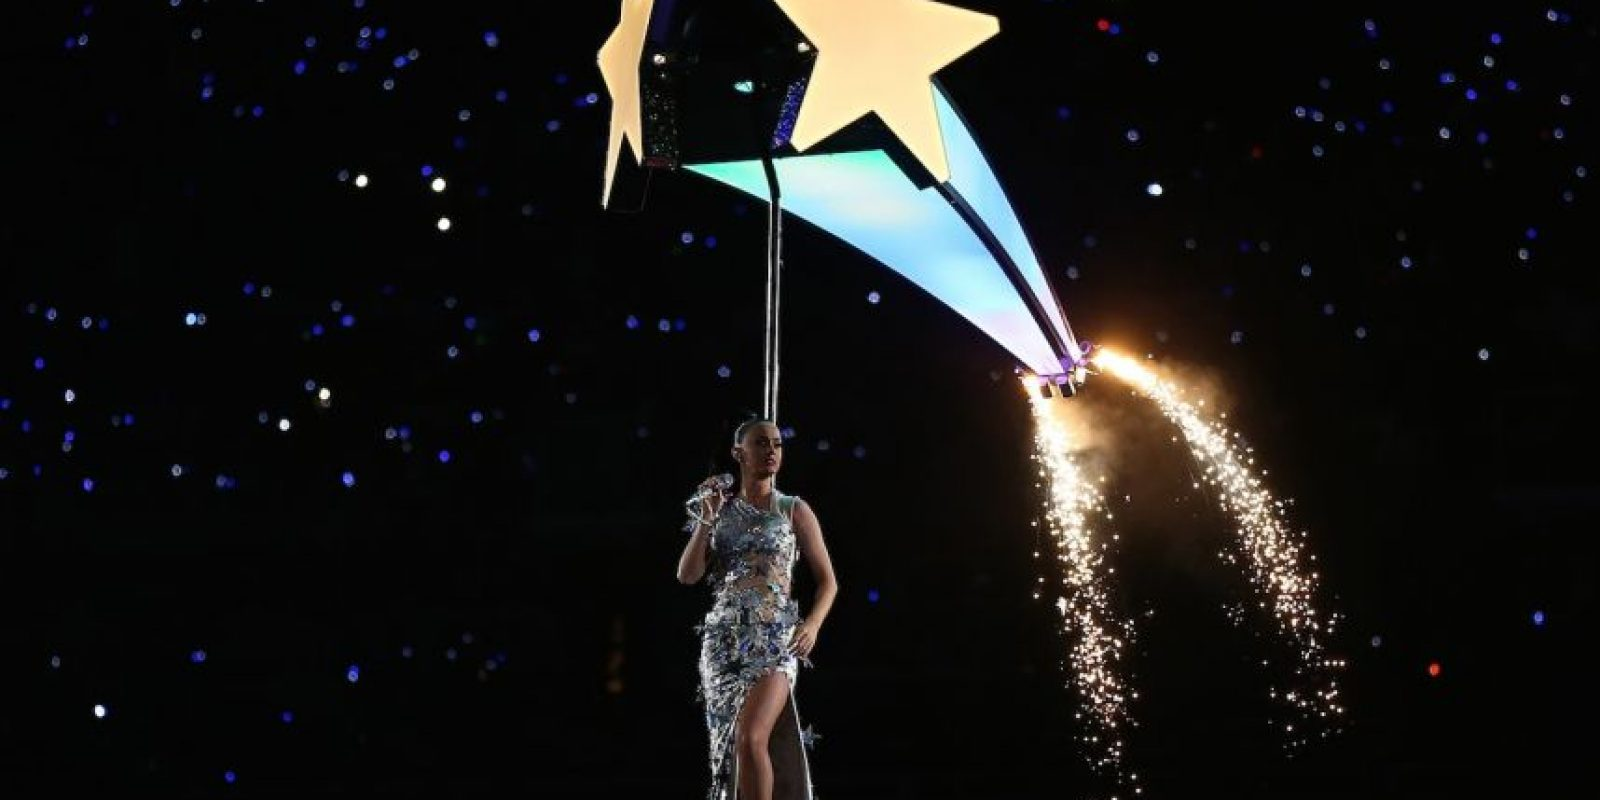 """El performance terminó cuando Perry subió a una estrella que se elevó y la llevó a recorrer el escenario mientras cantaba """"Fireworks"""" Foto:Getty Images"""